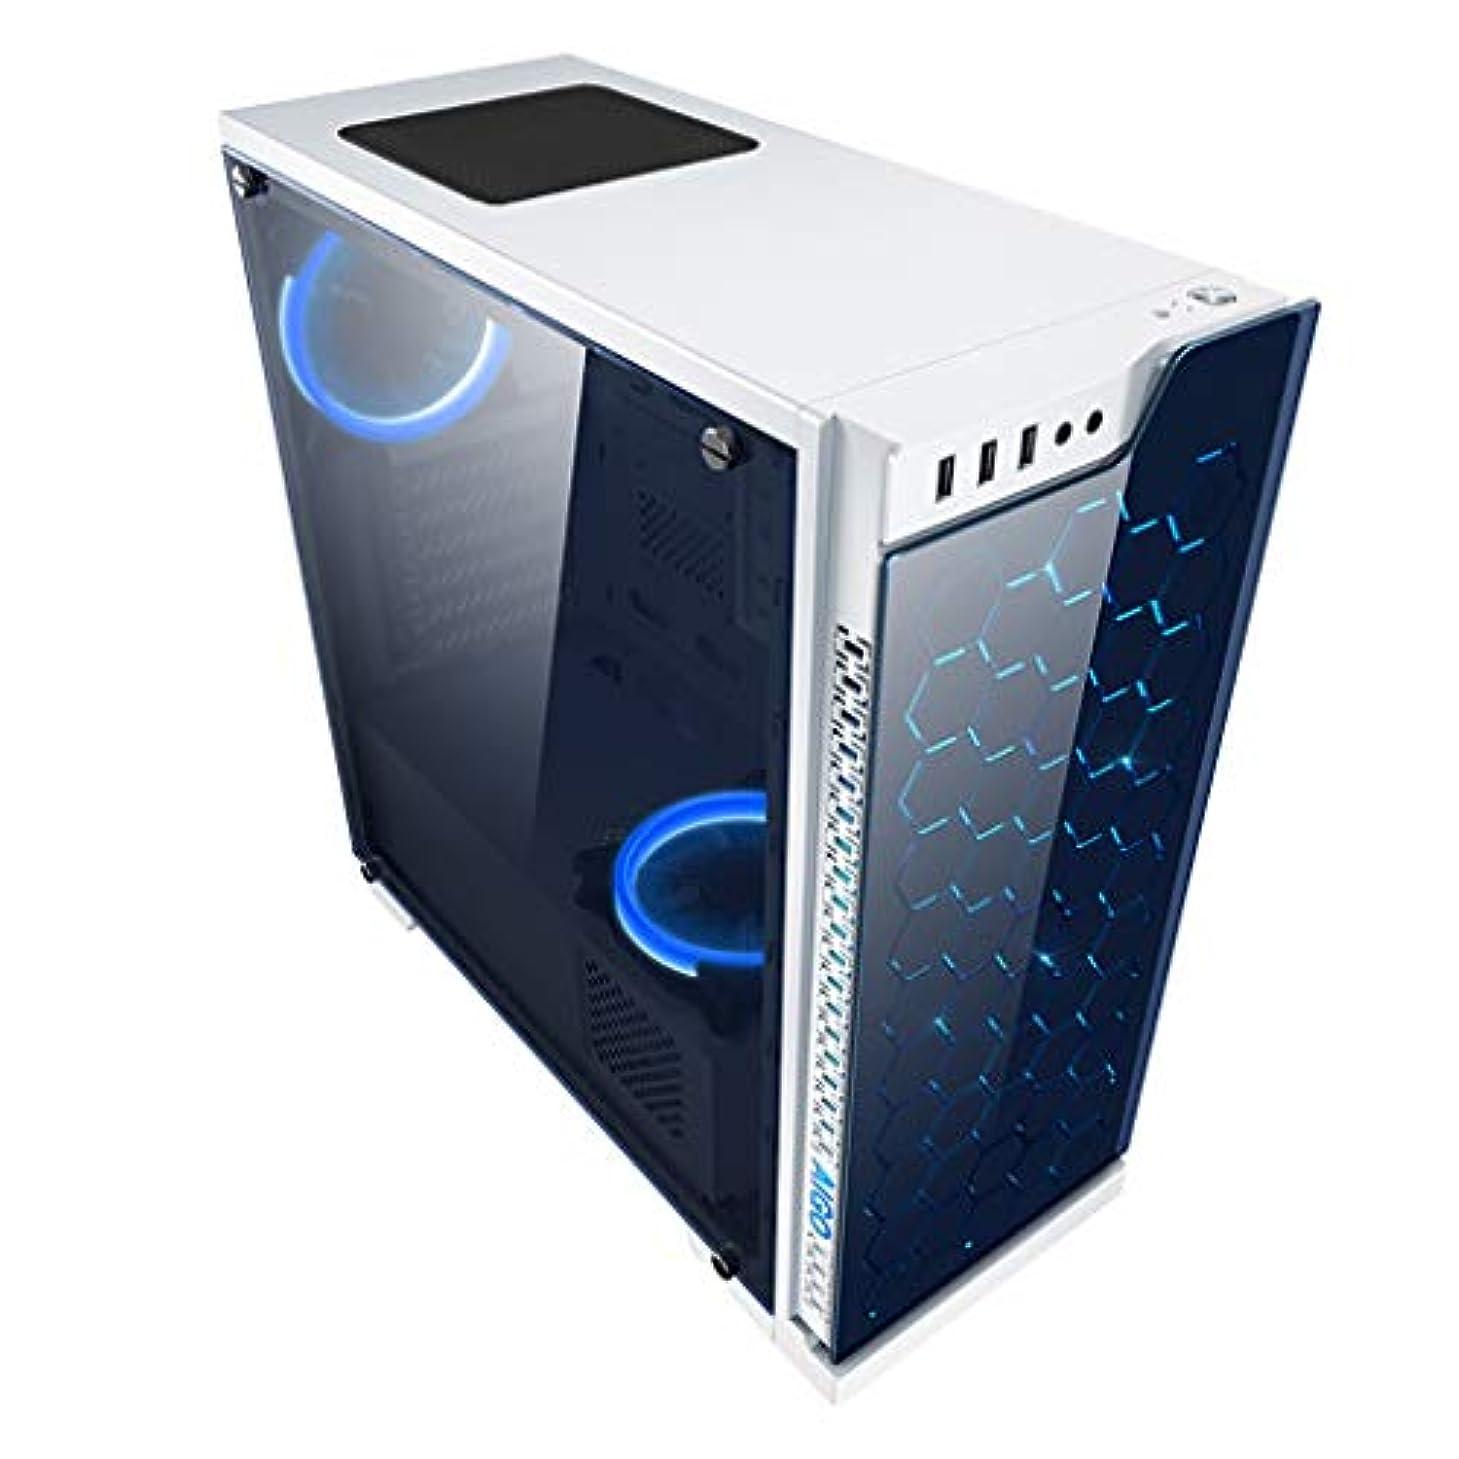 起こる皮肉ダムXZ15 ゲームコンピュータケース、Mid-Tower、ATX/MICRO ATX、USB3.0および4x120MM冷却システム、強化ガラス、白をサポート (Color : White)